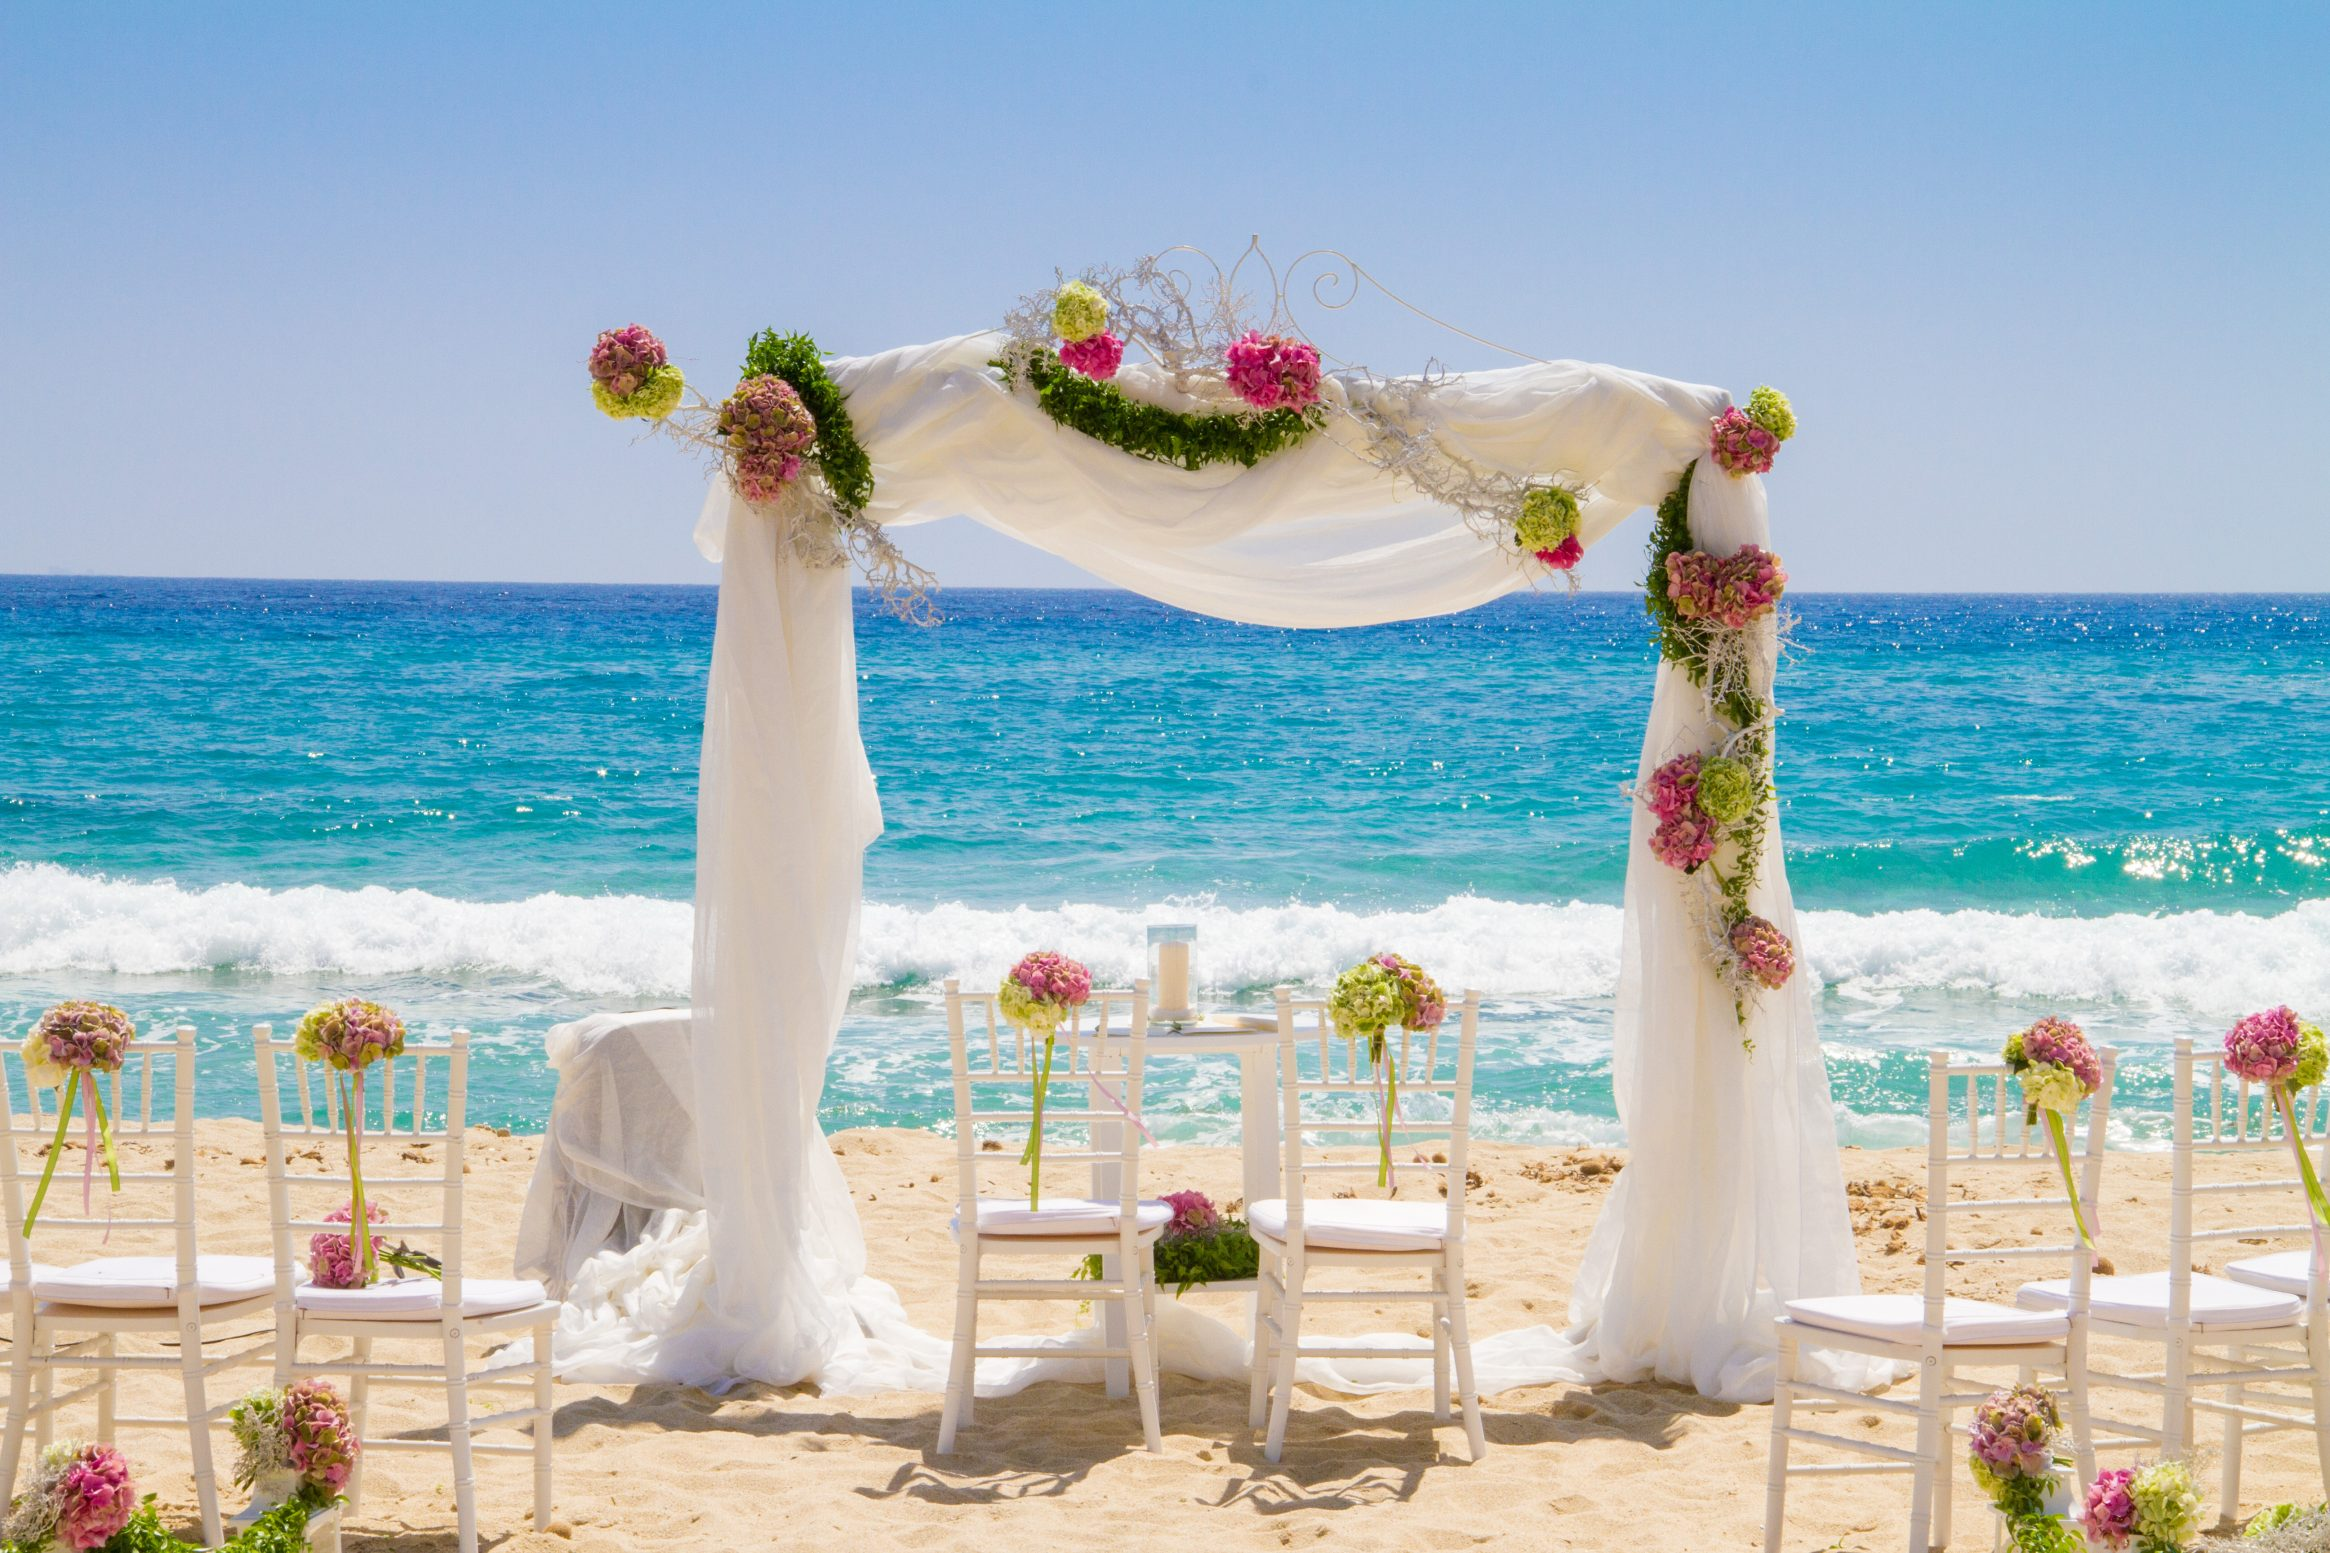 Matrimonio In Spiaggia Roma : Matrimonio in spiaggia paola repetto consoli wedding